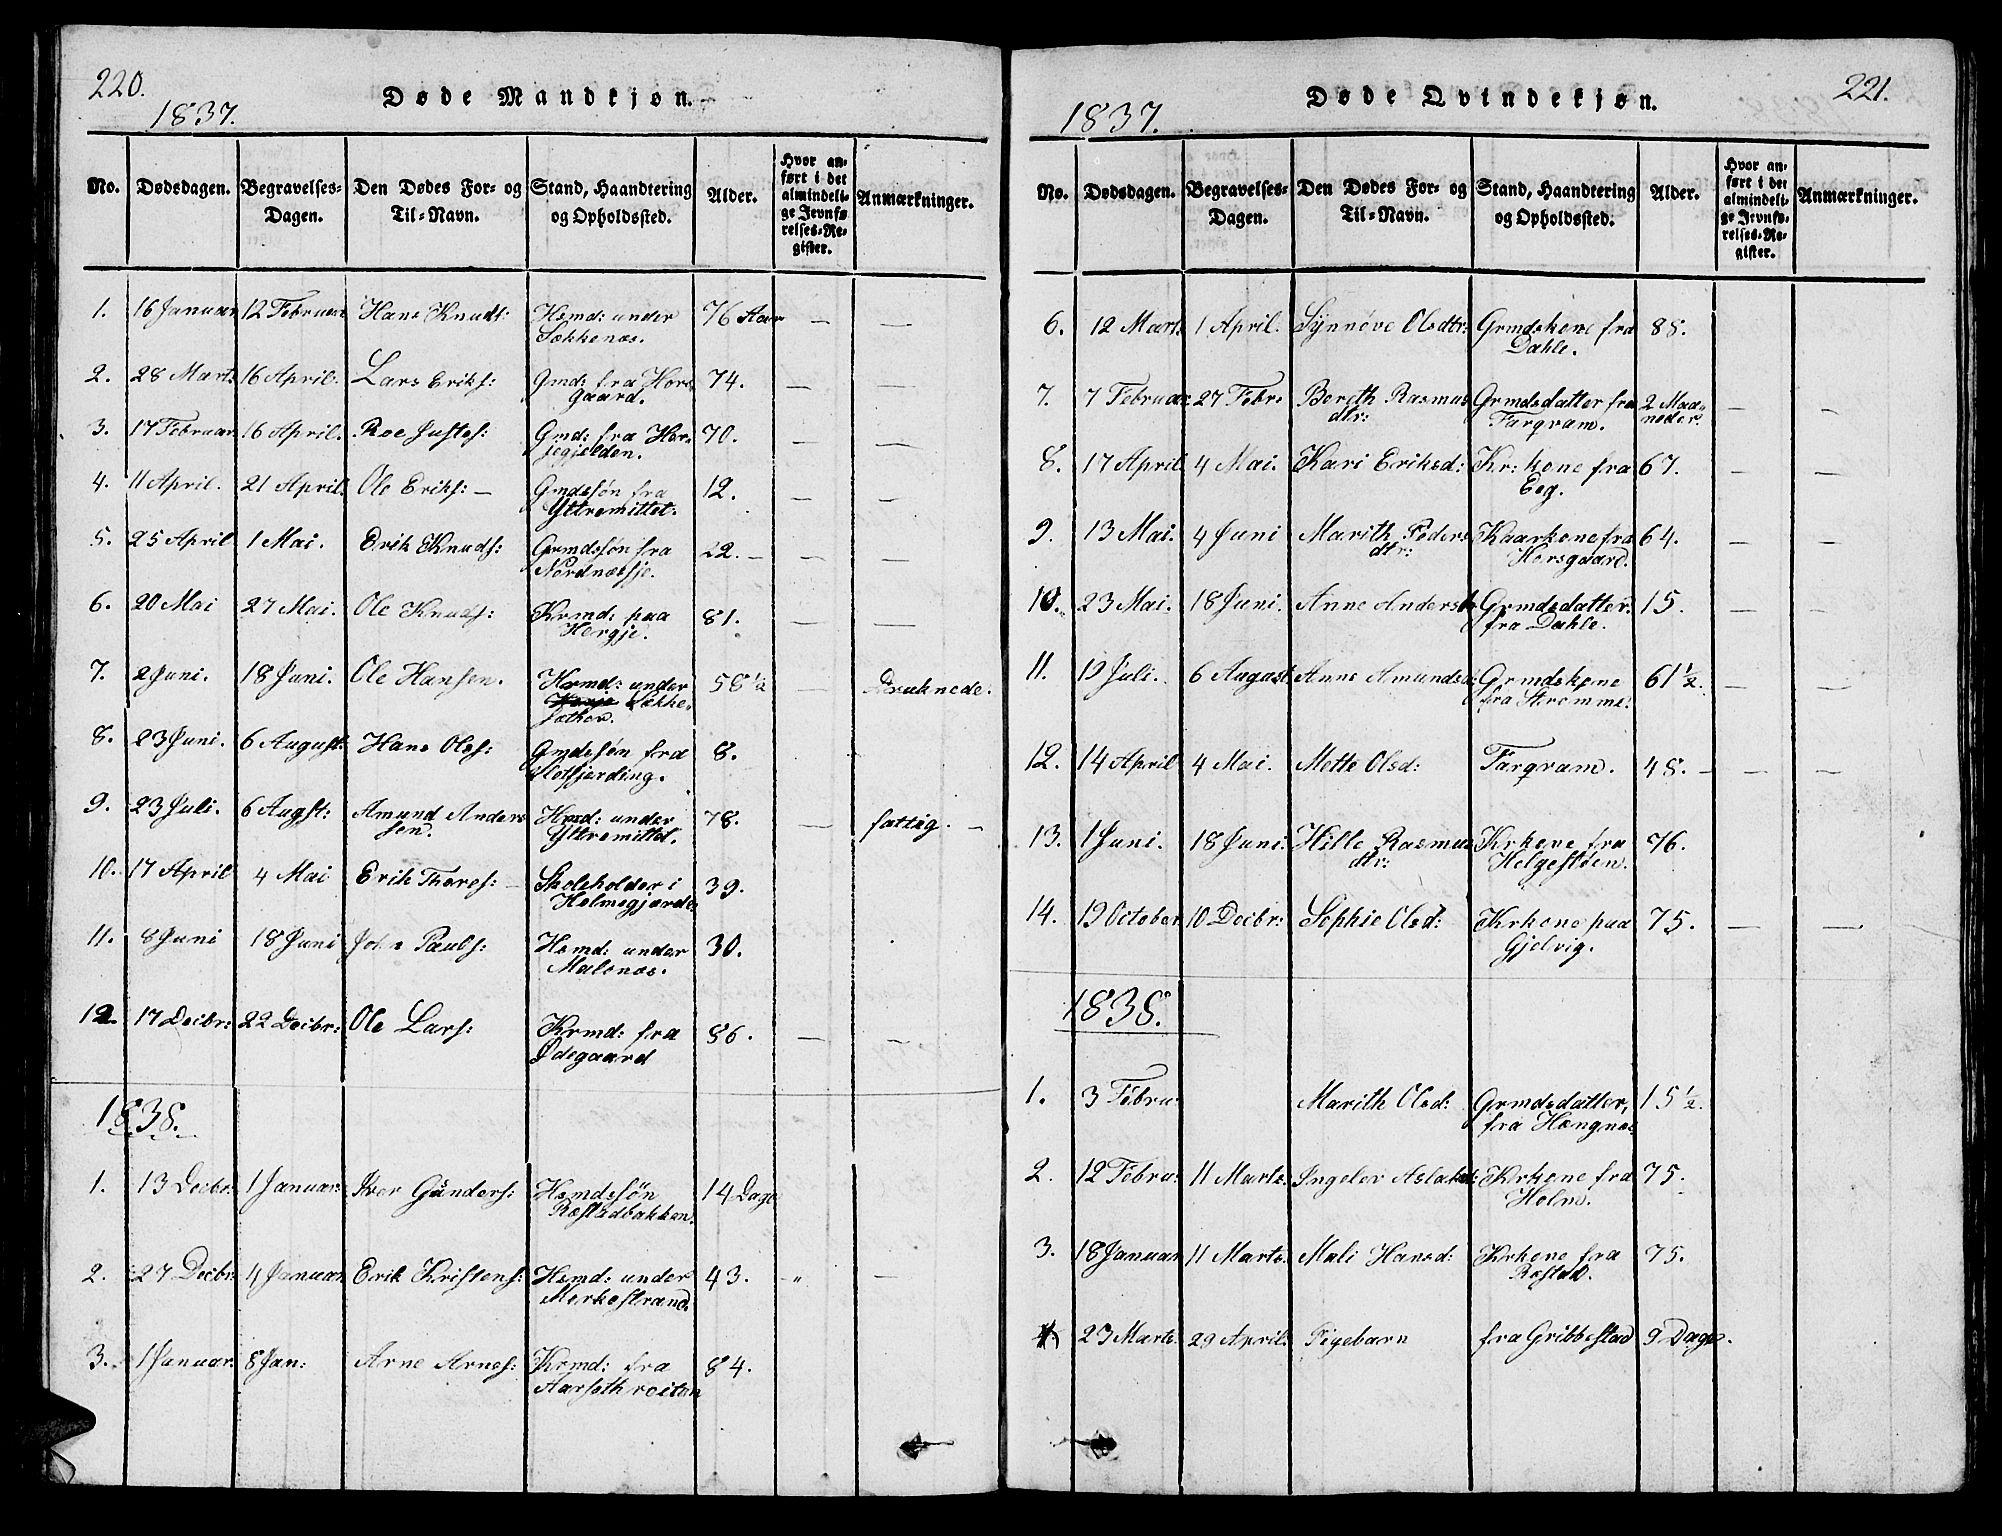 SAT, Ministerialprotokoller, klokkerbøker og fødselsregistre - Møre og Romsdal, 547/L0610: Klokkerbok nr. 547C01, 1818-1839, s. 220-221